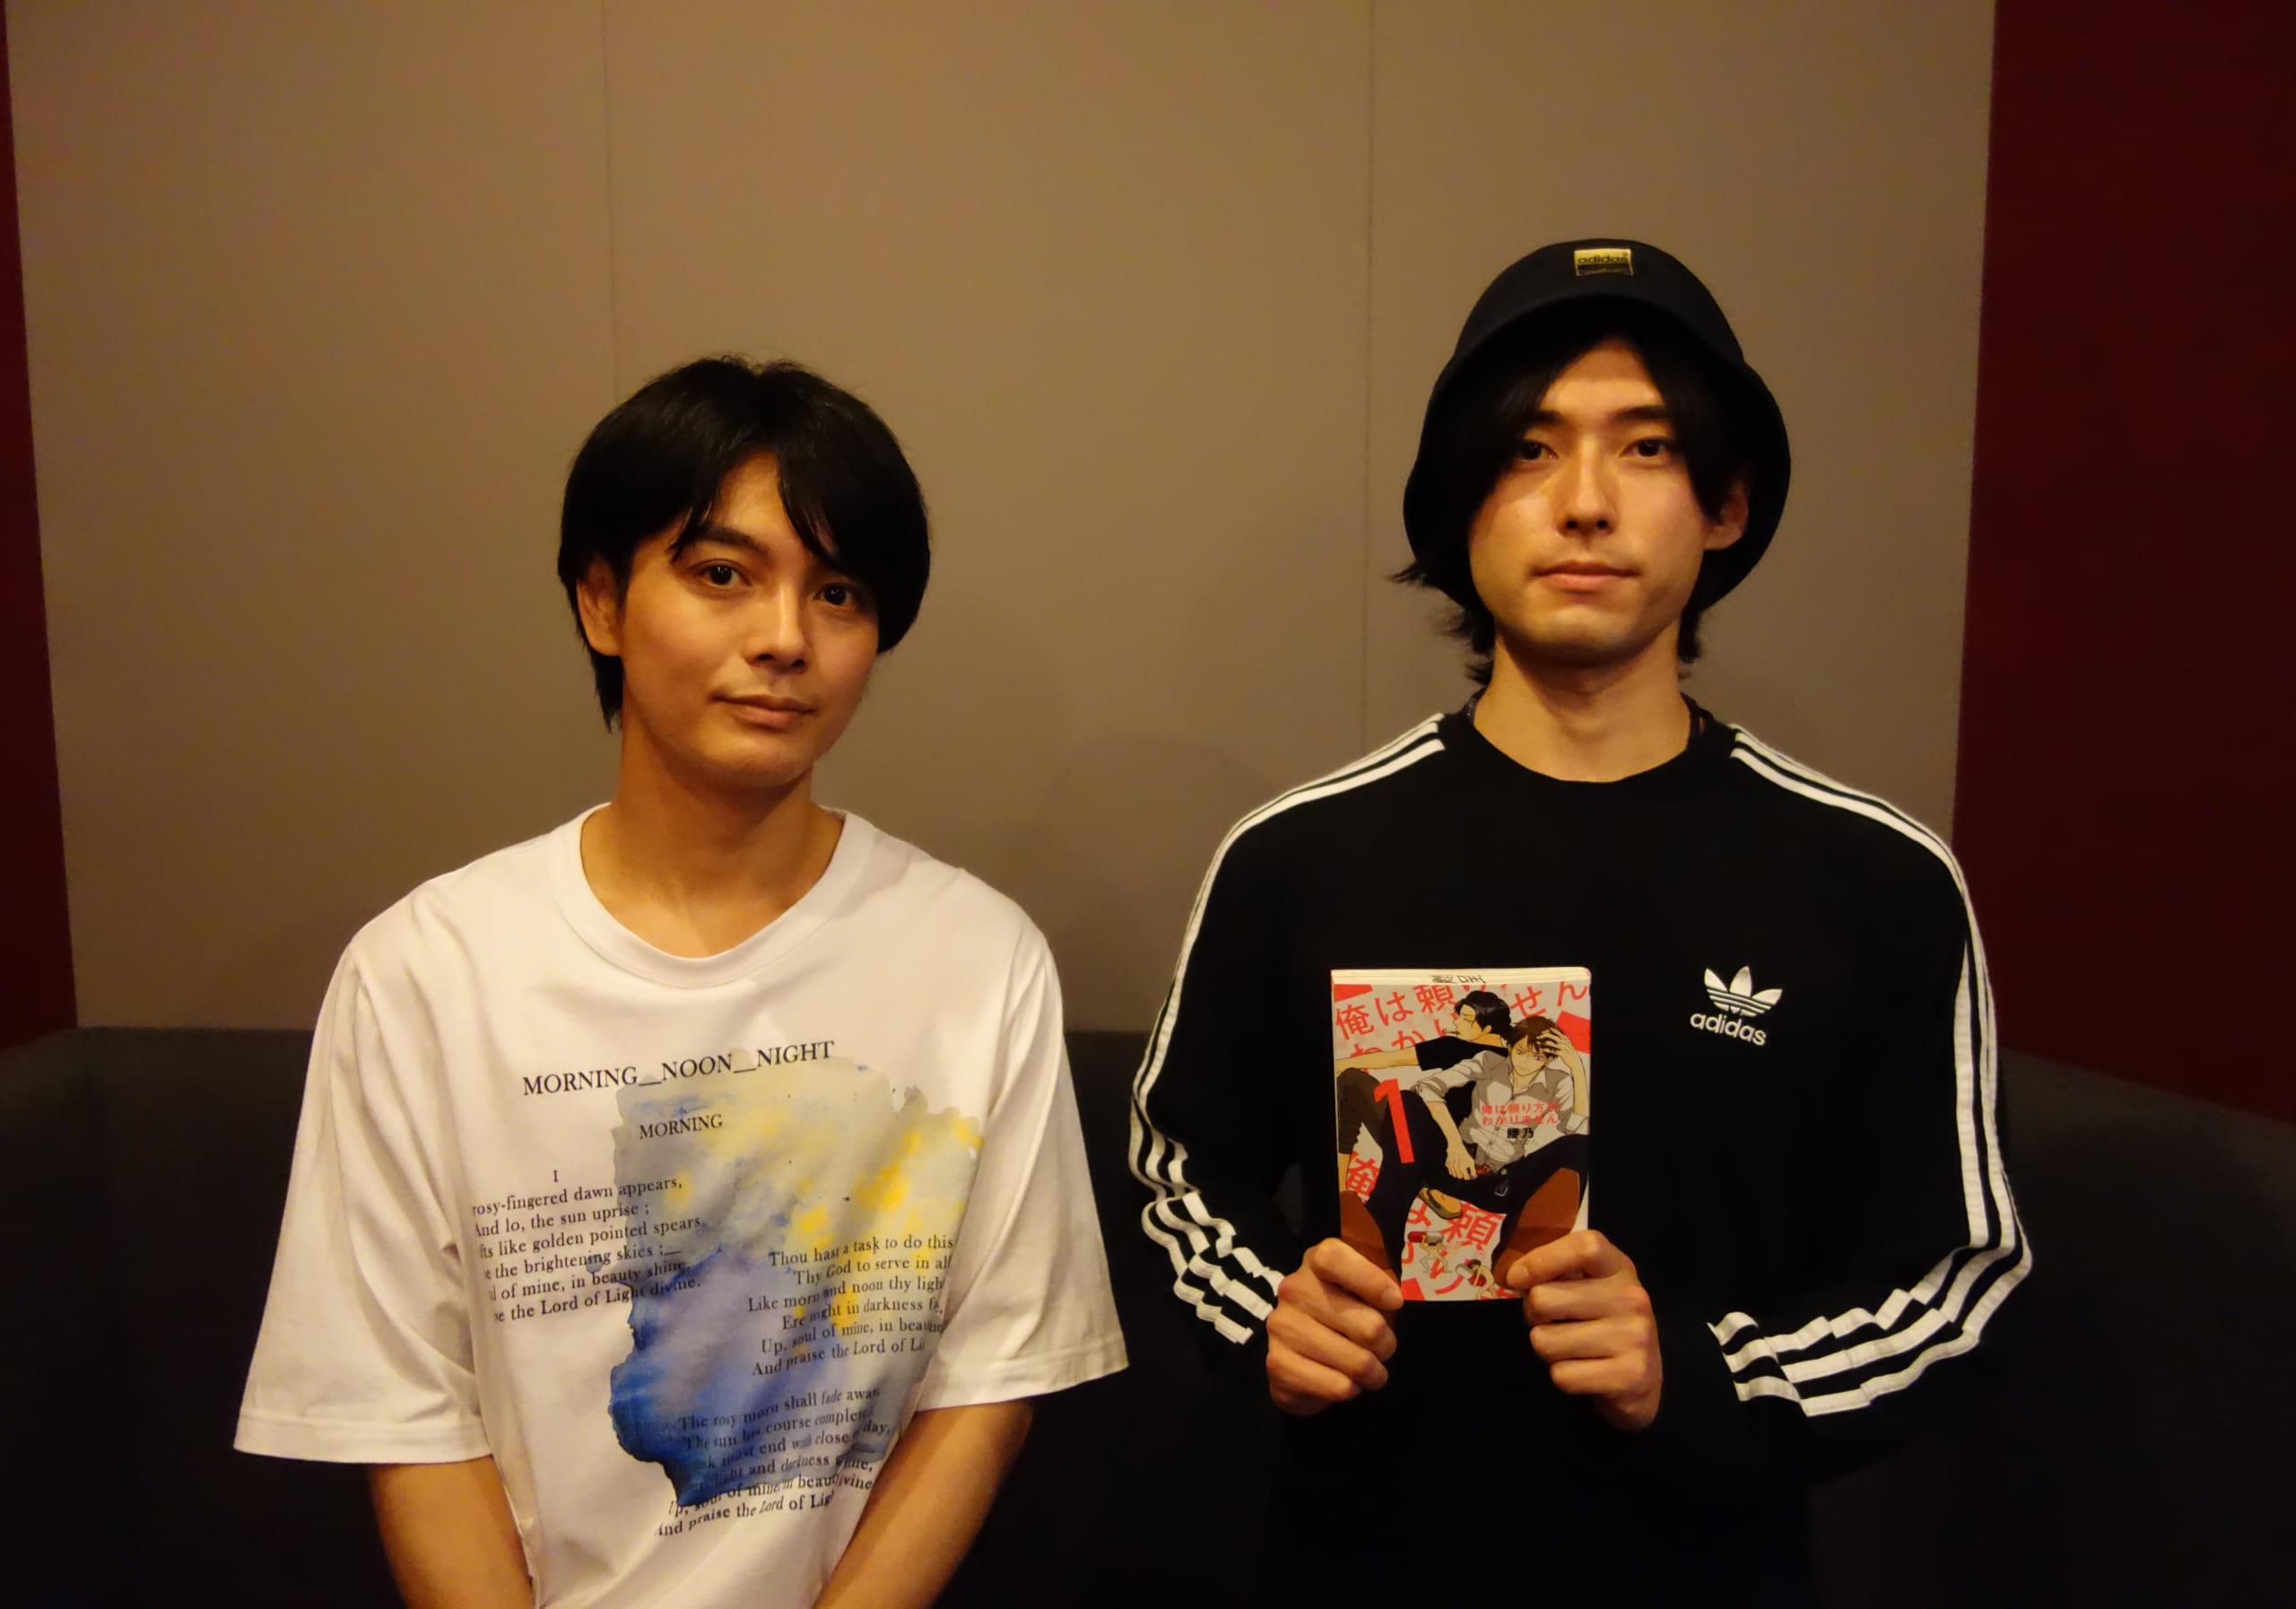 BLドラマCD『俺は頼り方がわかりません』榎木淳弥さん、増田俊樹さん、河西健吾さんらのキャストインタビュー到着!